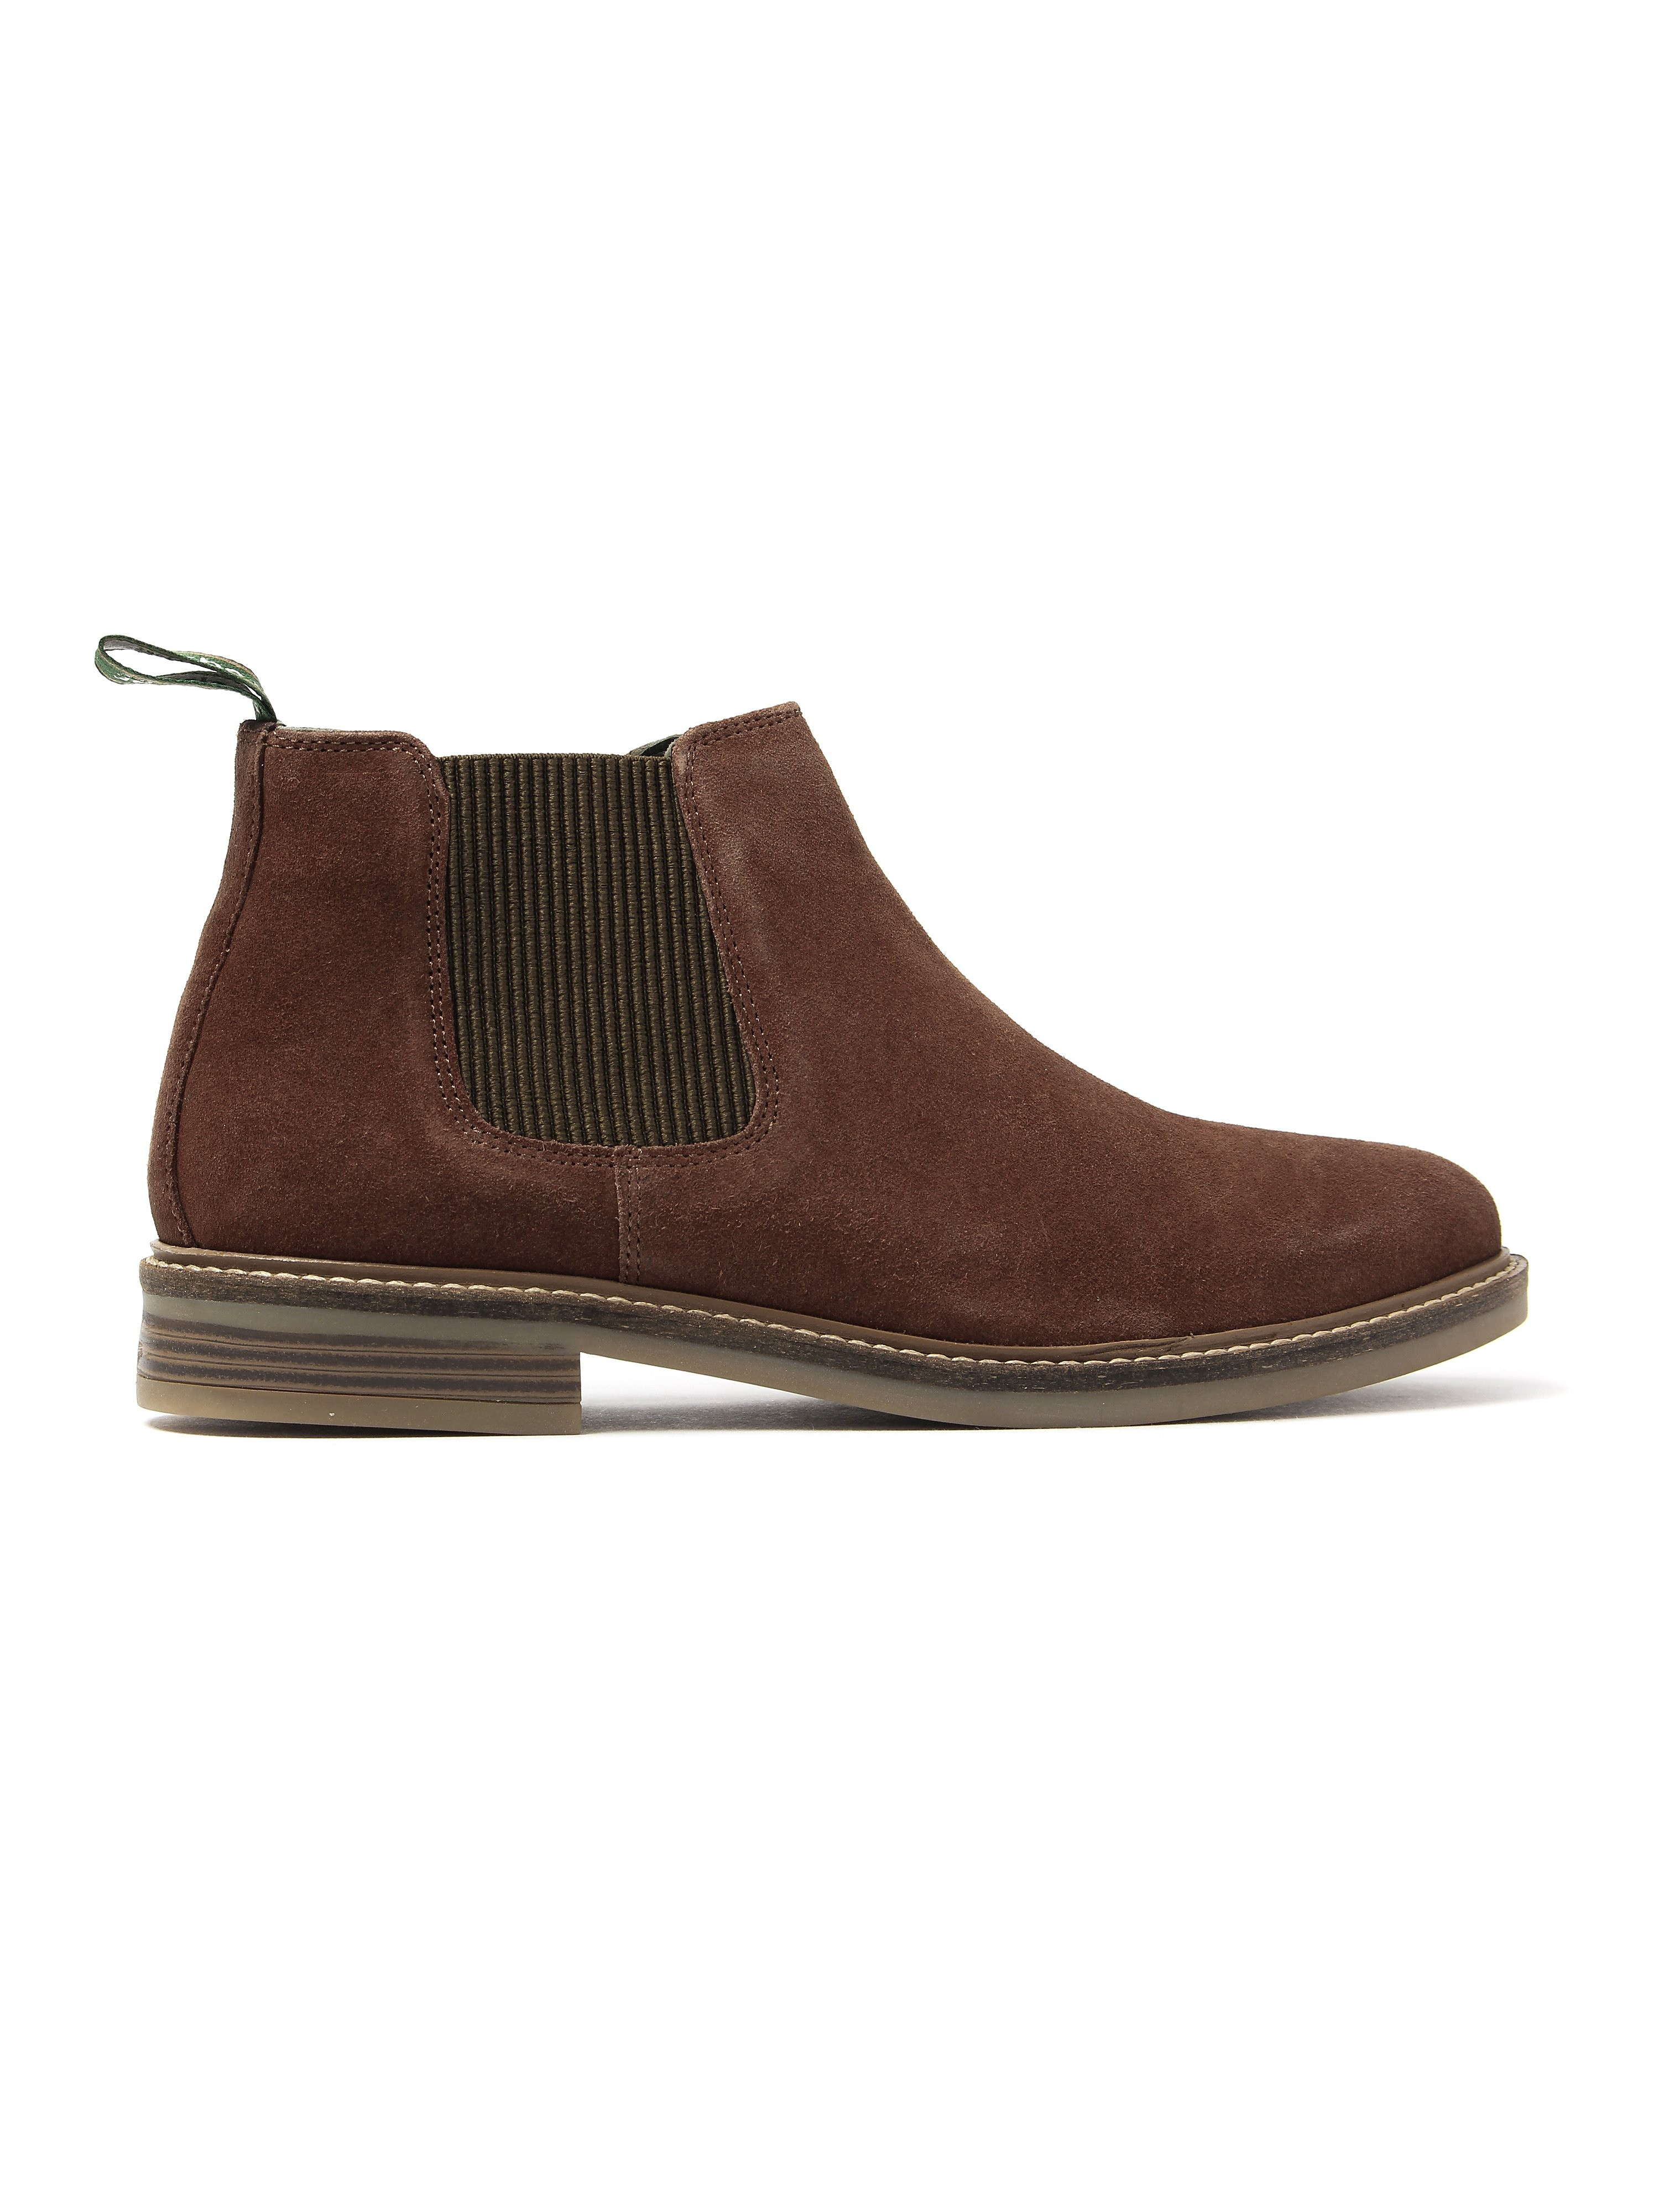 Barbour Men's Penshaw Suede Chelsea Boots - Rust